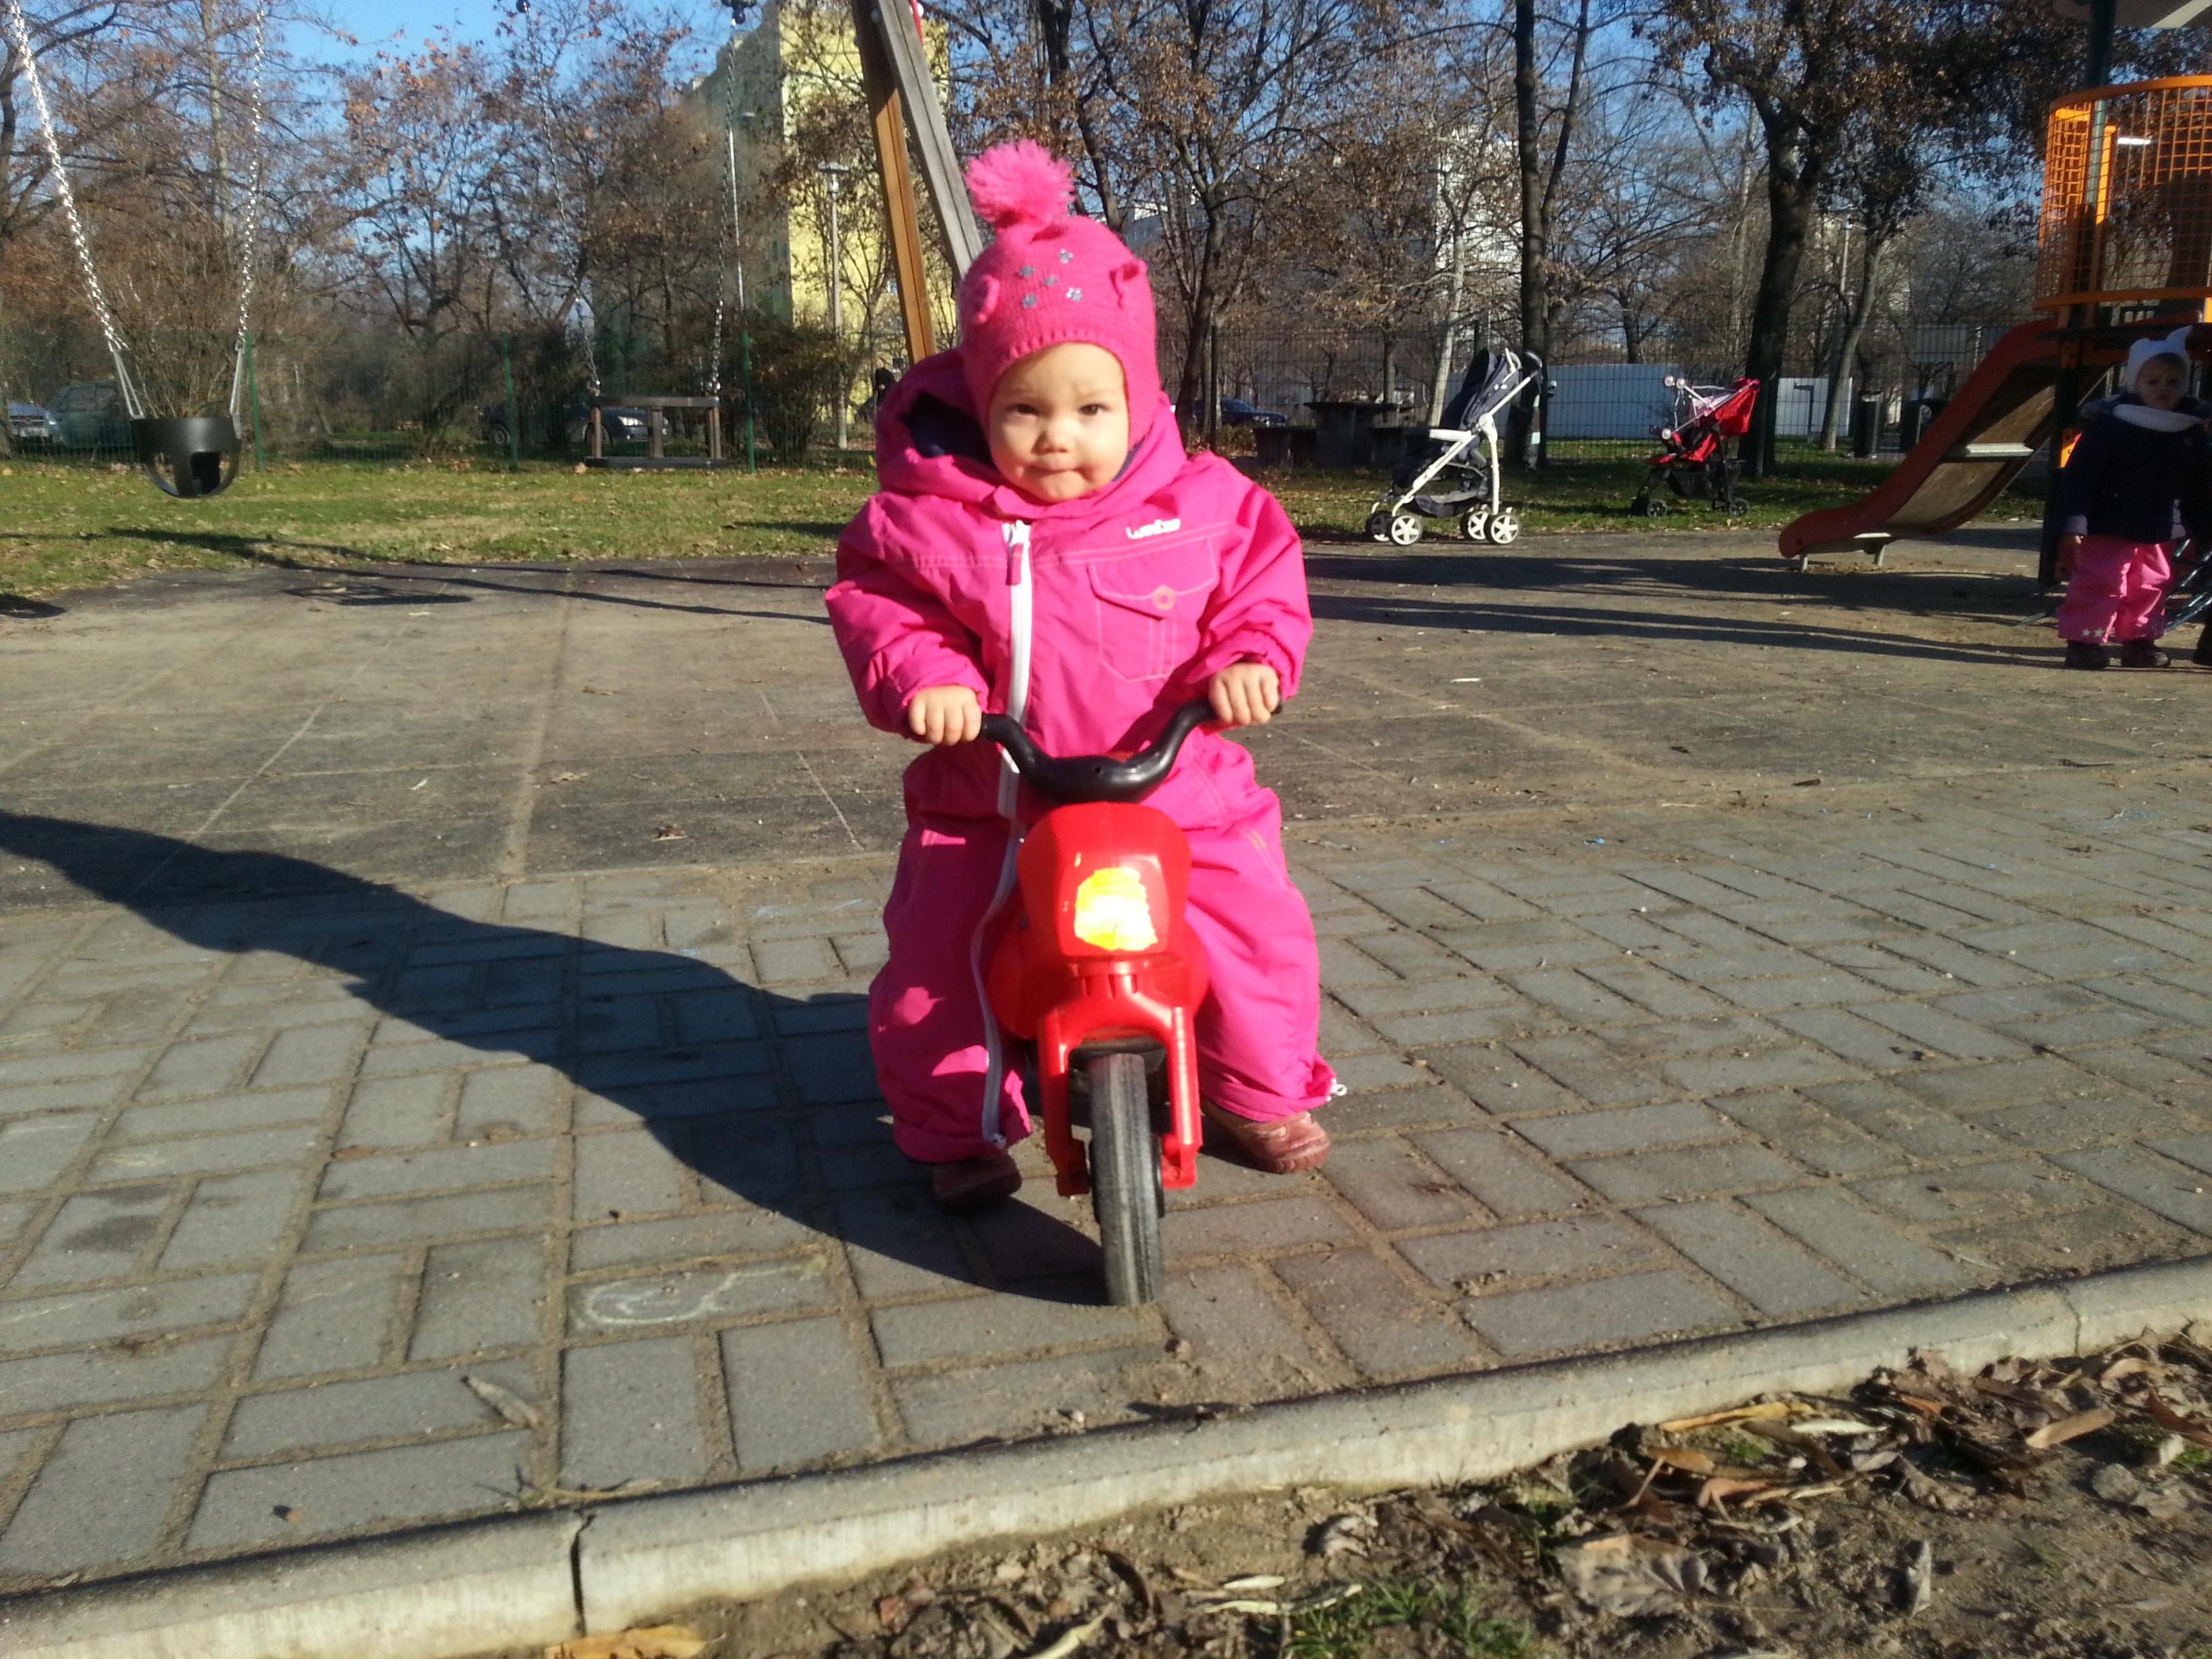 Babajelek_Babajelbeszed_Motor_20141219_103525